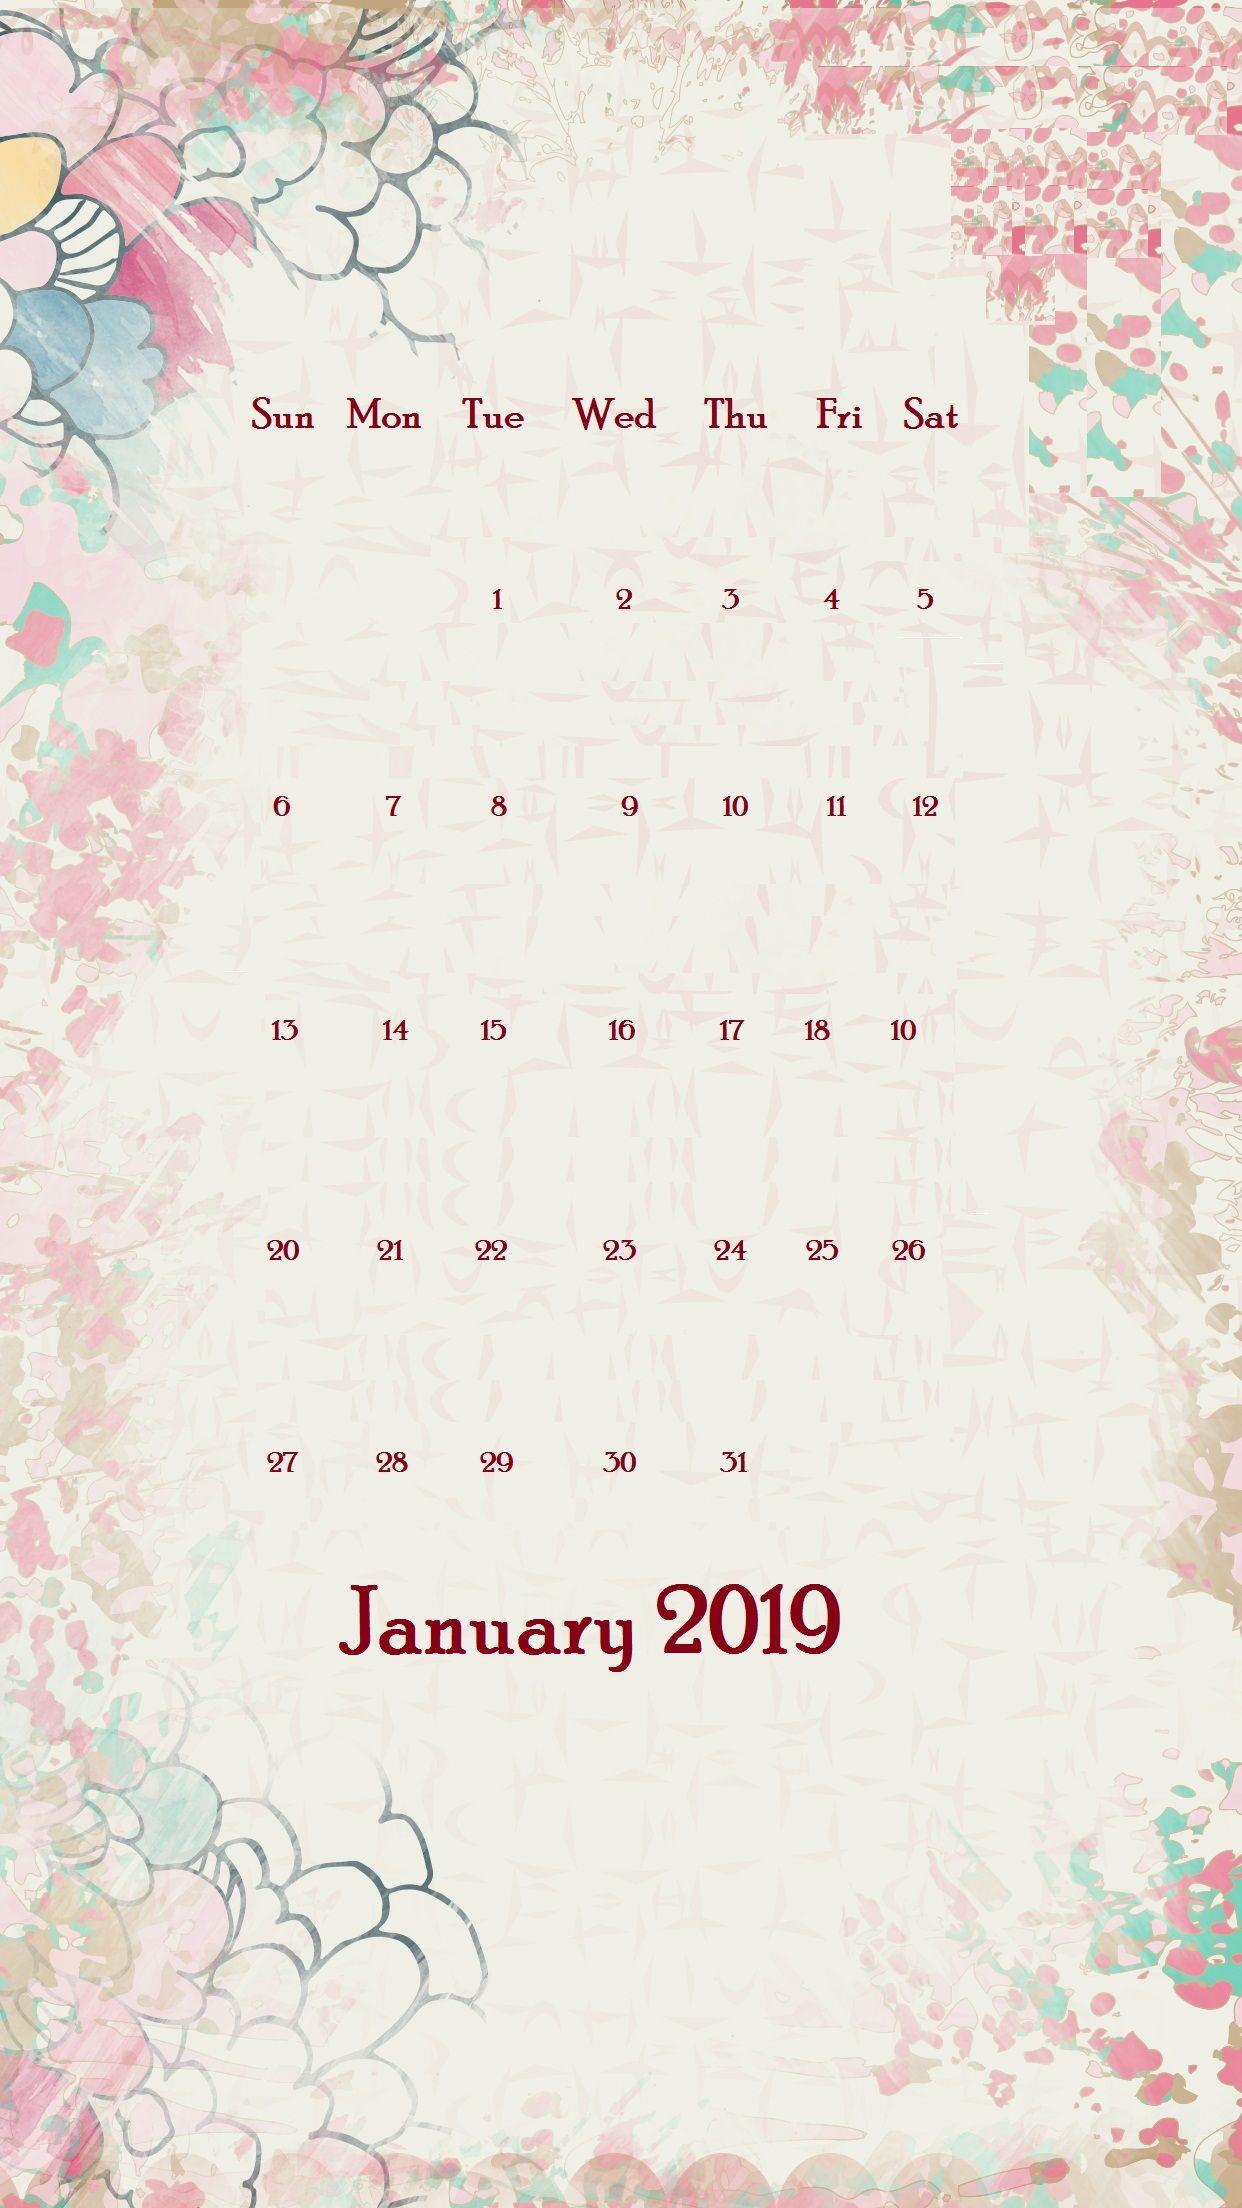 January 2019 iPhone calendar Wallpaper January wallpaper